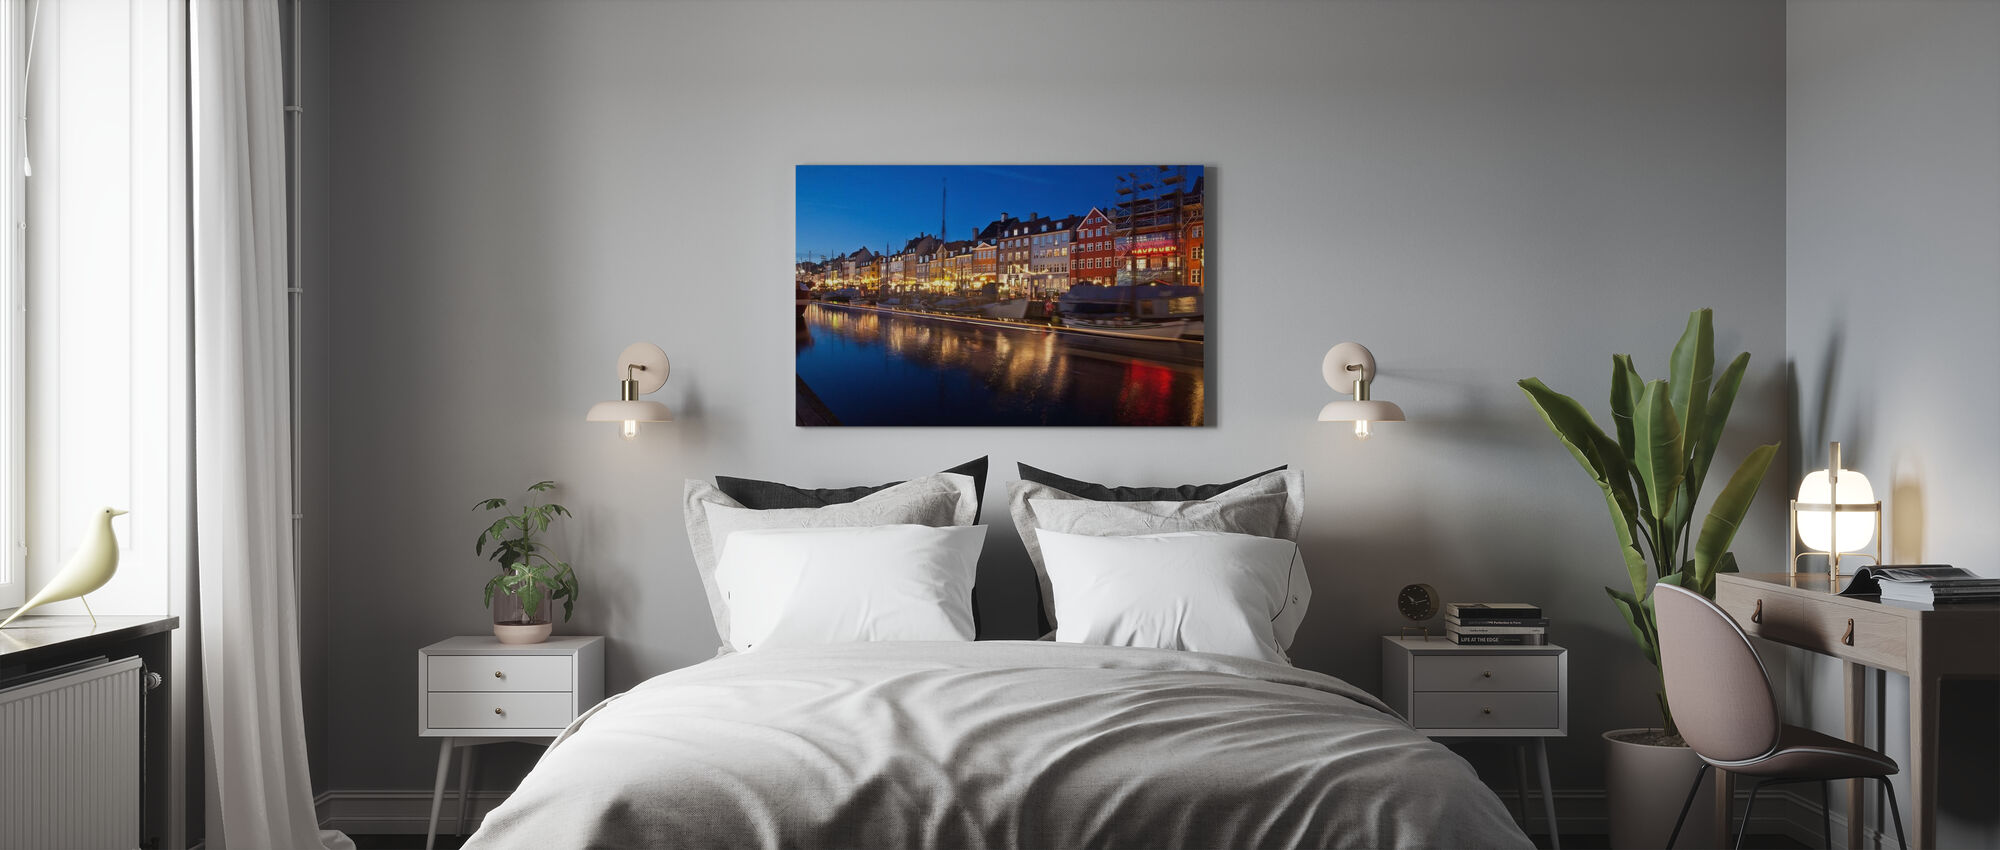 Nacht in Nyhavn, Kopenhagen, Dänemark - Leinwandbild - Schlafzimmer